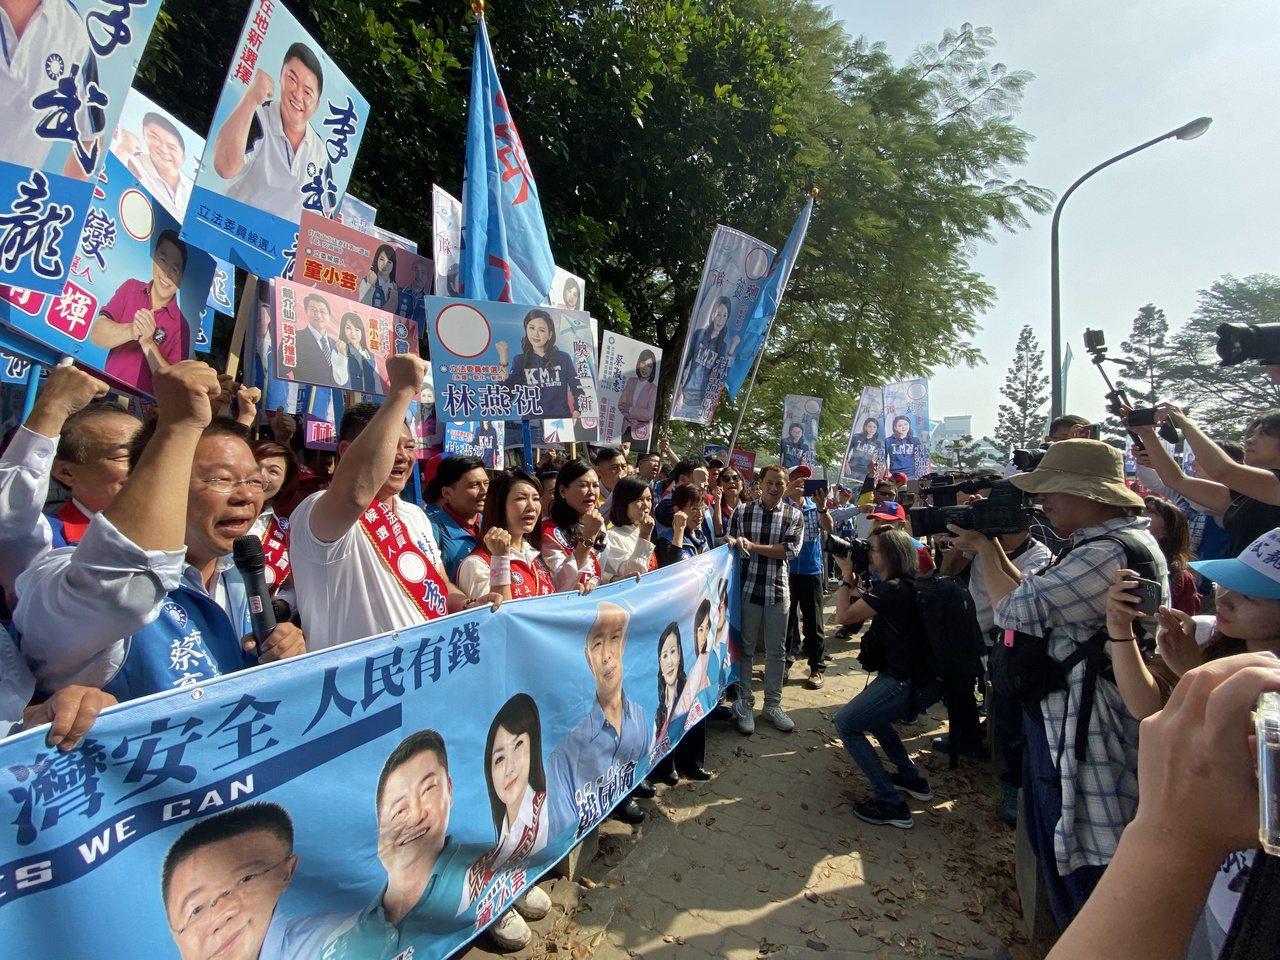 國民黨立委參選人今天在謝龍介陪同下前往選委會登記參選。記者修瑞瑩/攝影